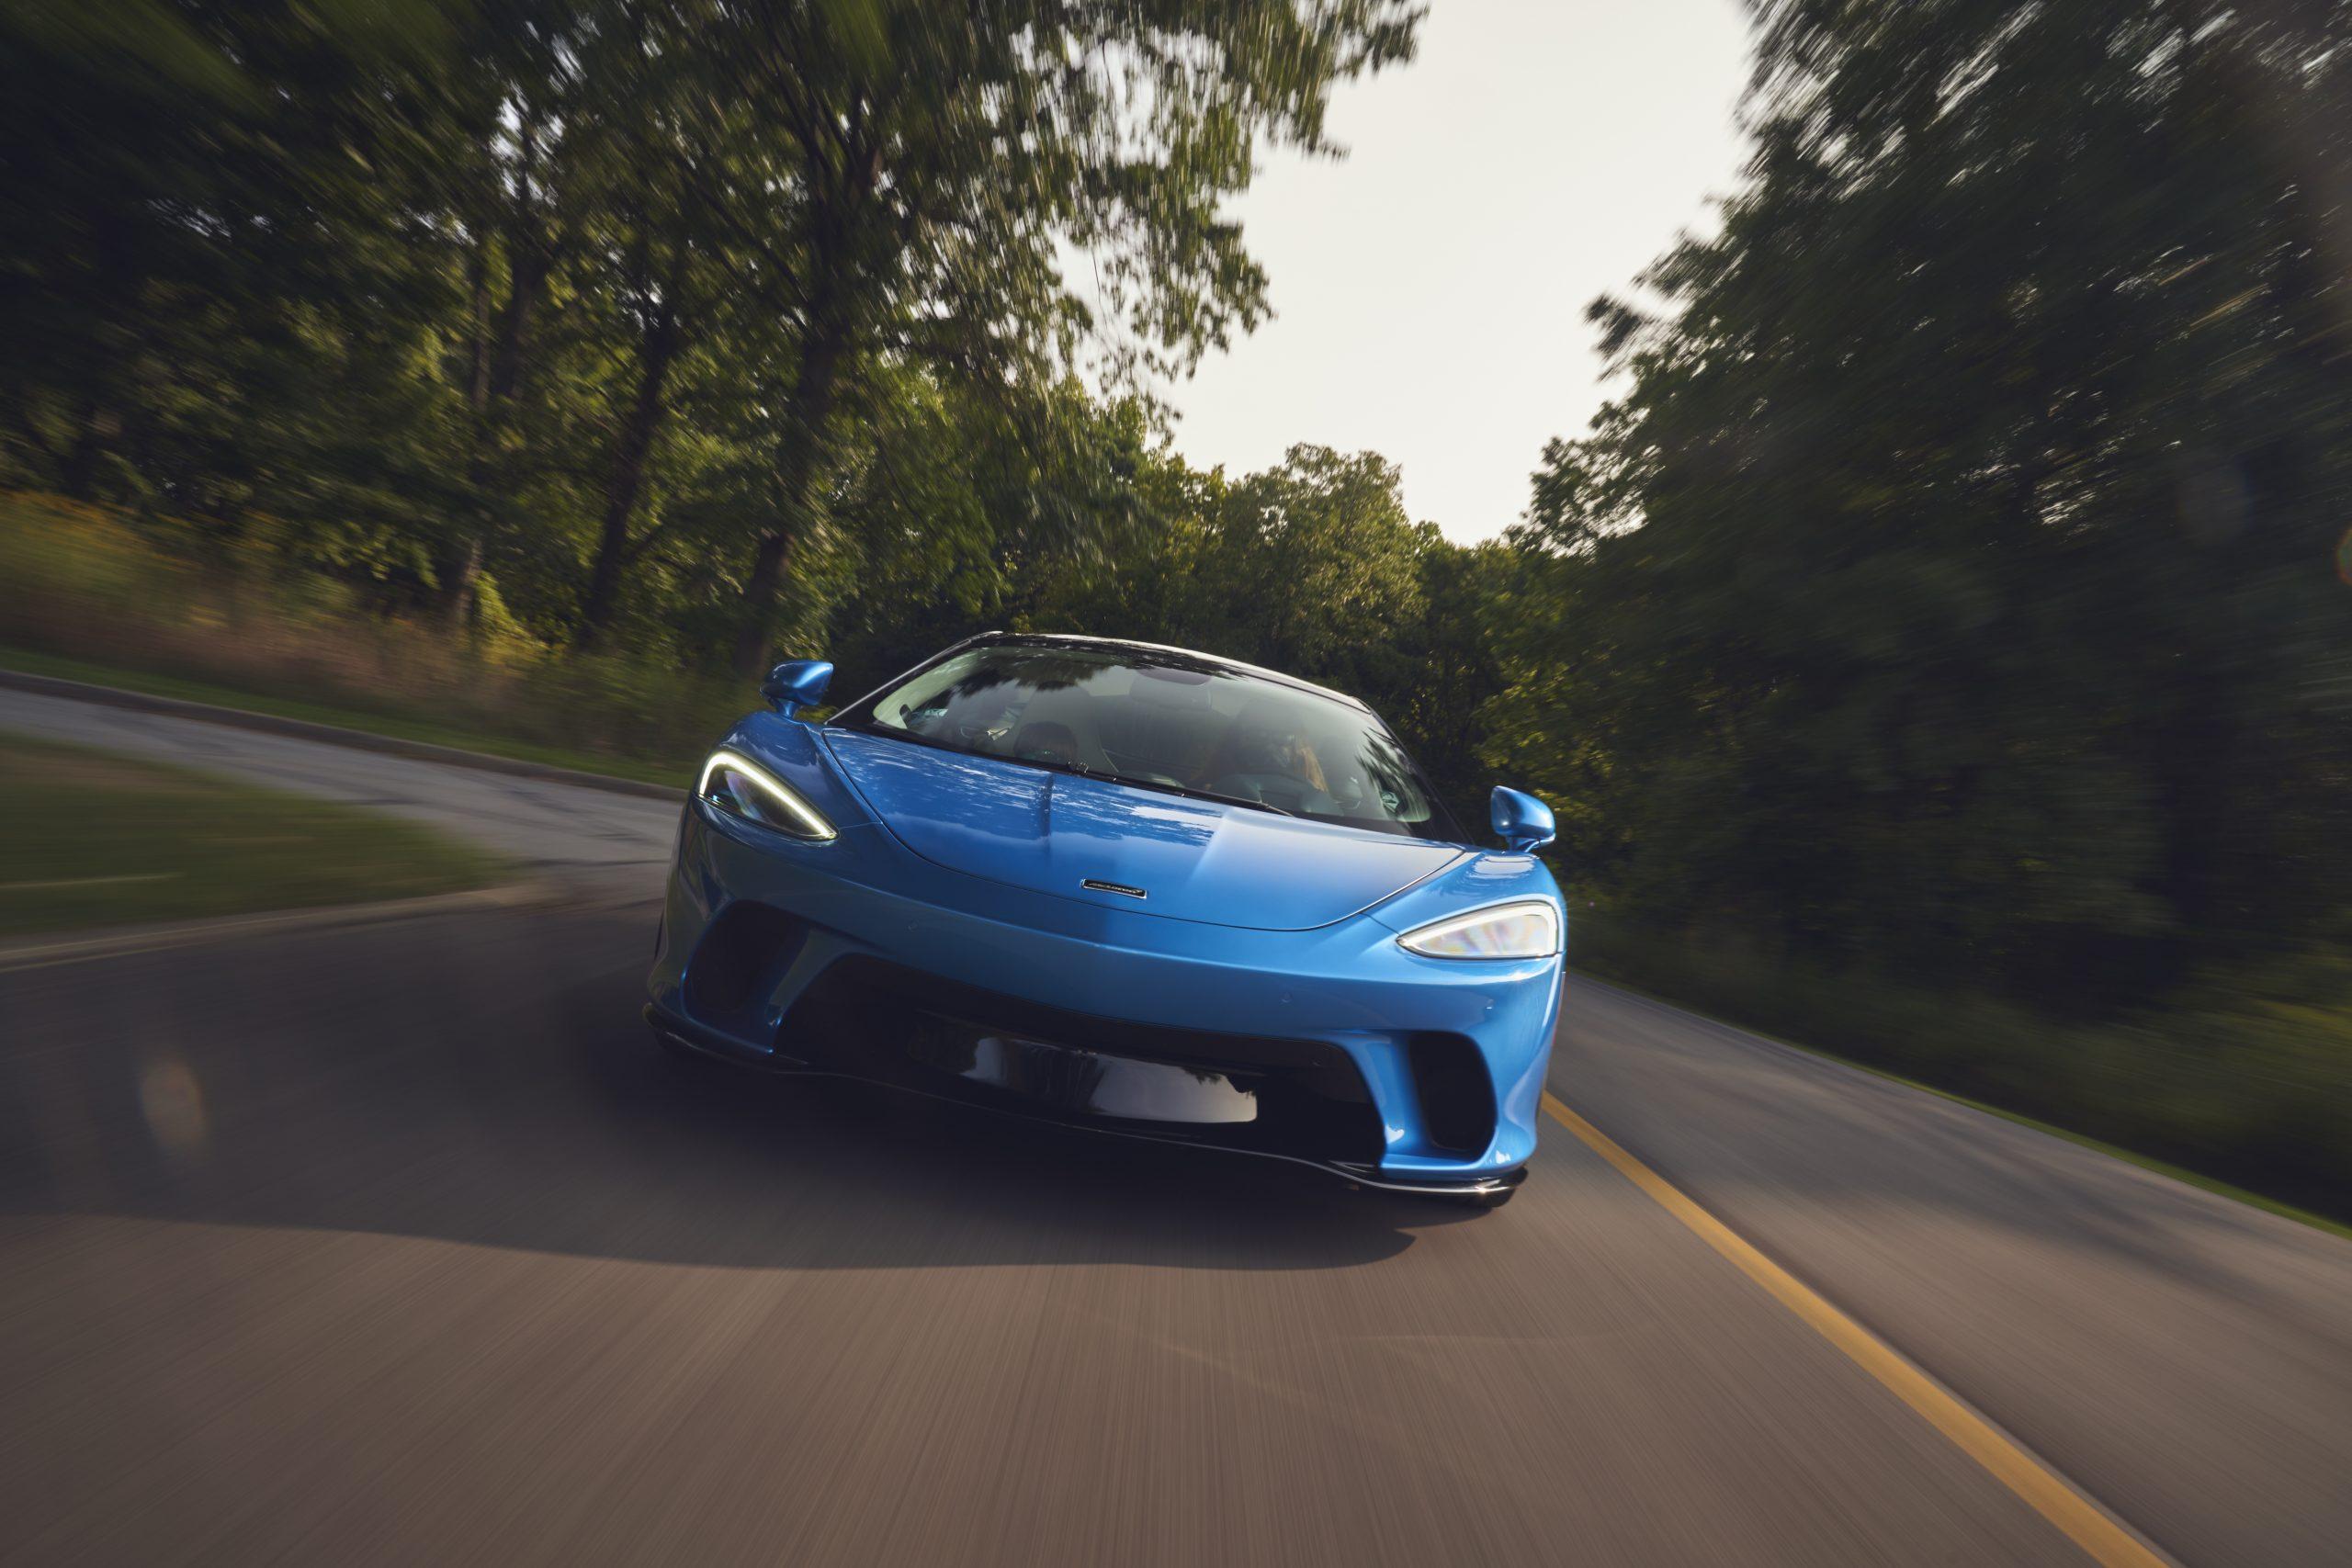 2020-McLaren-GT_Trahan_0072 front